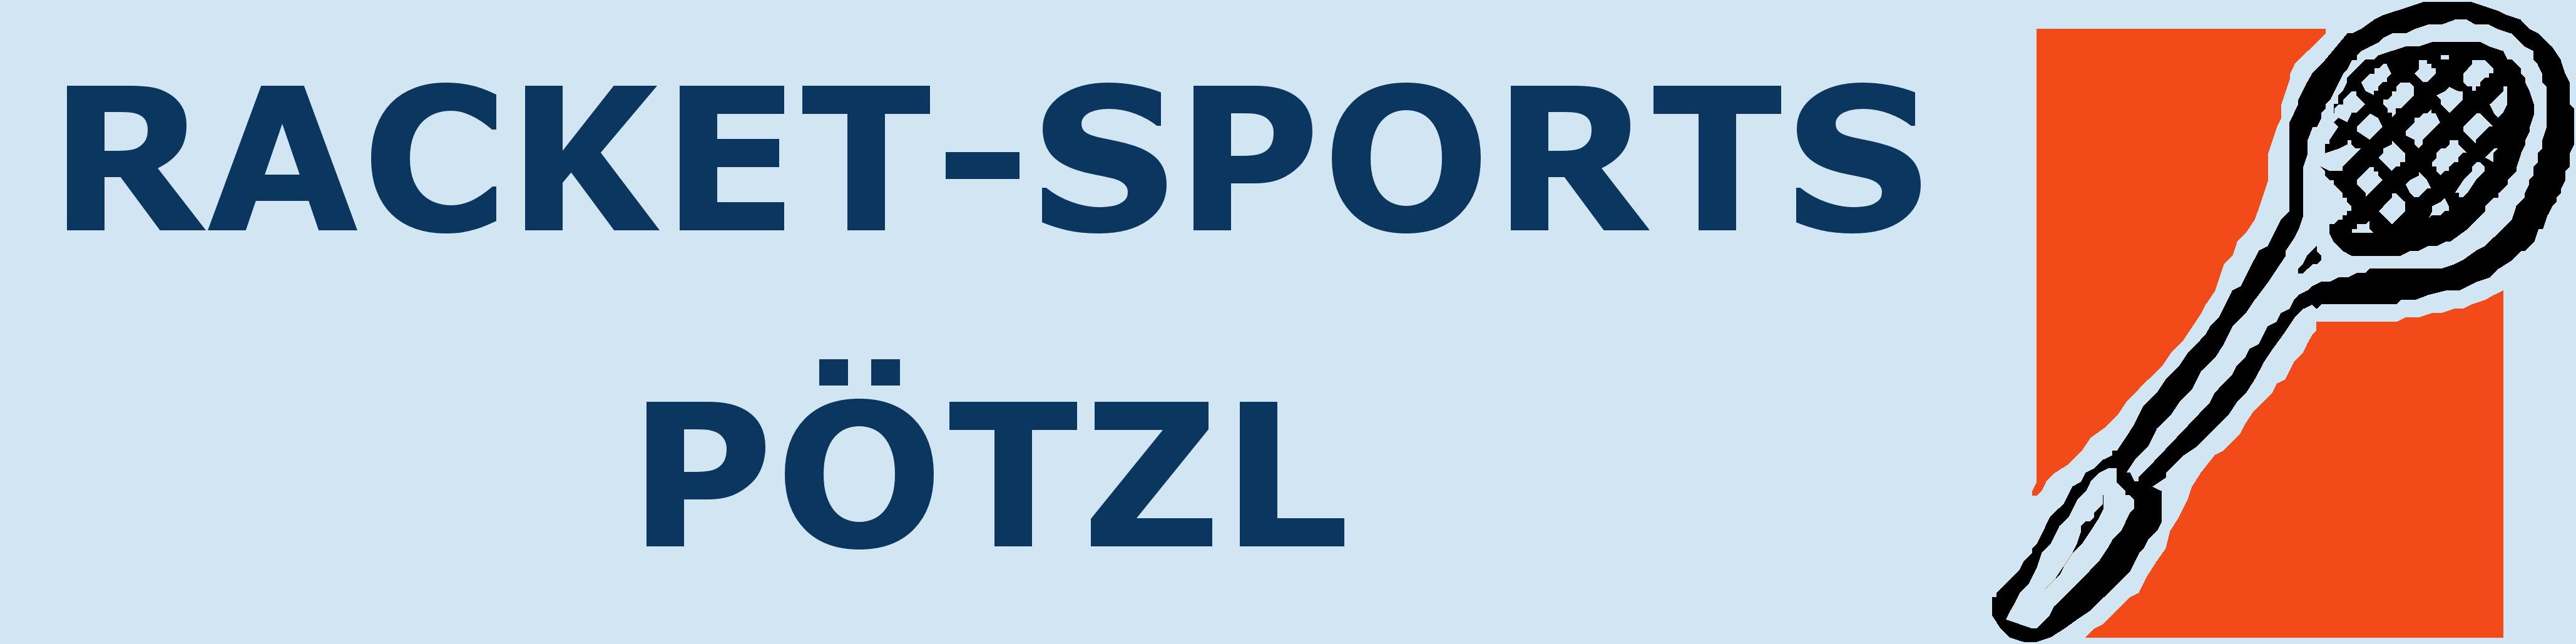 Racket-Sports-Logo